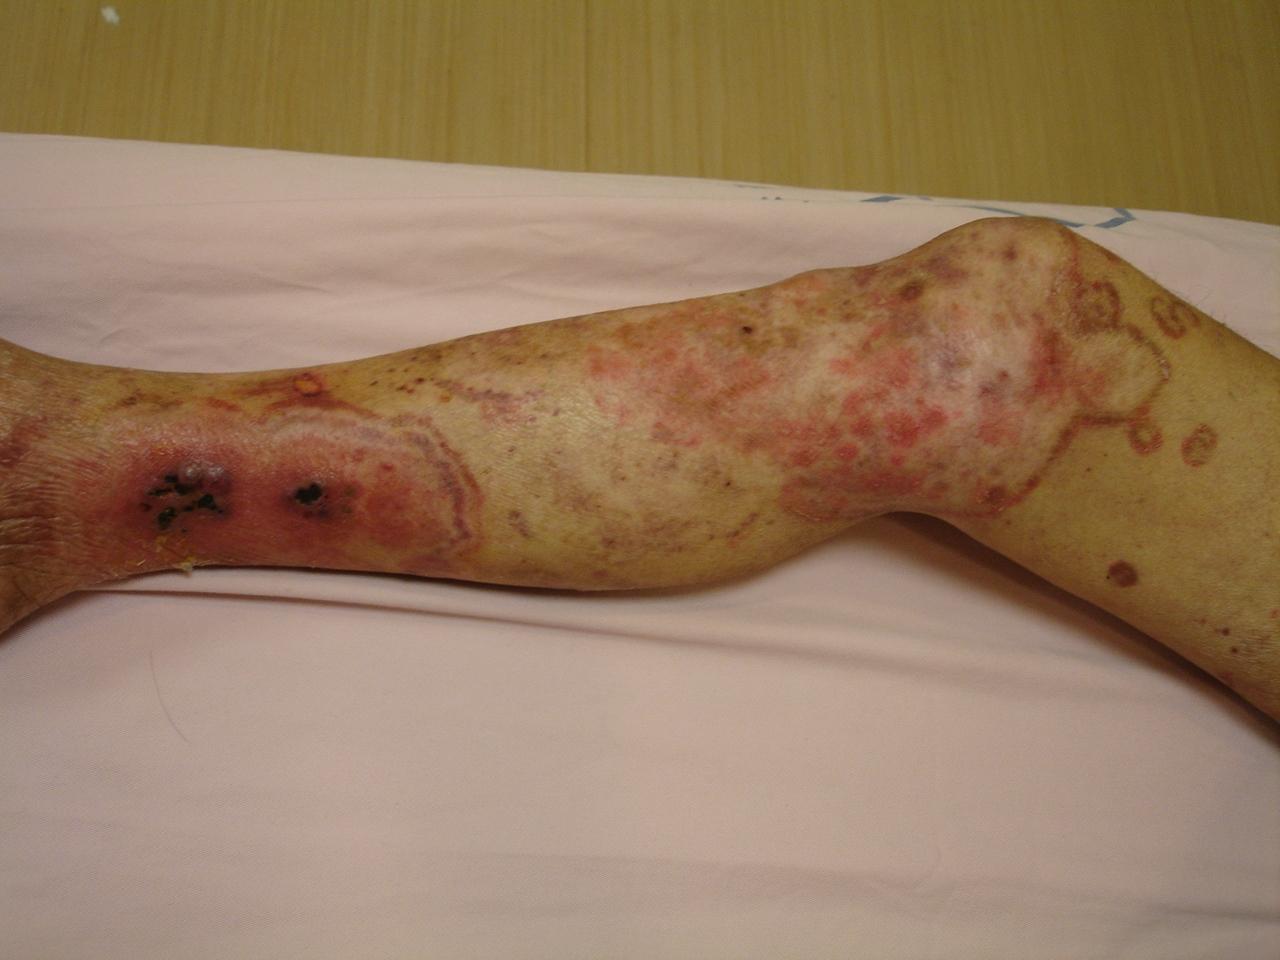 图二. 下肢霉菌感染-彰基 肾脏科暨慢性肾脏病卫教中心 血管医学防治